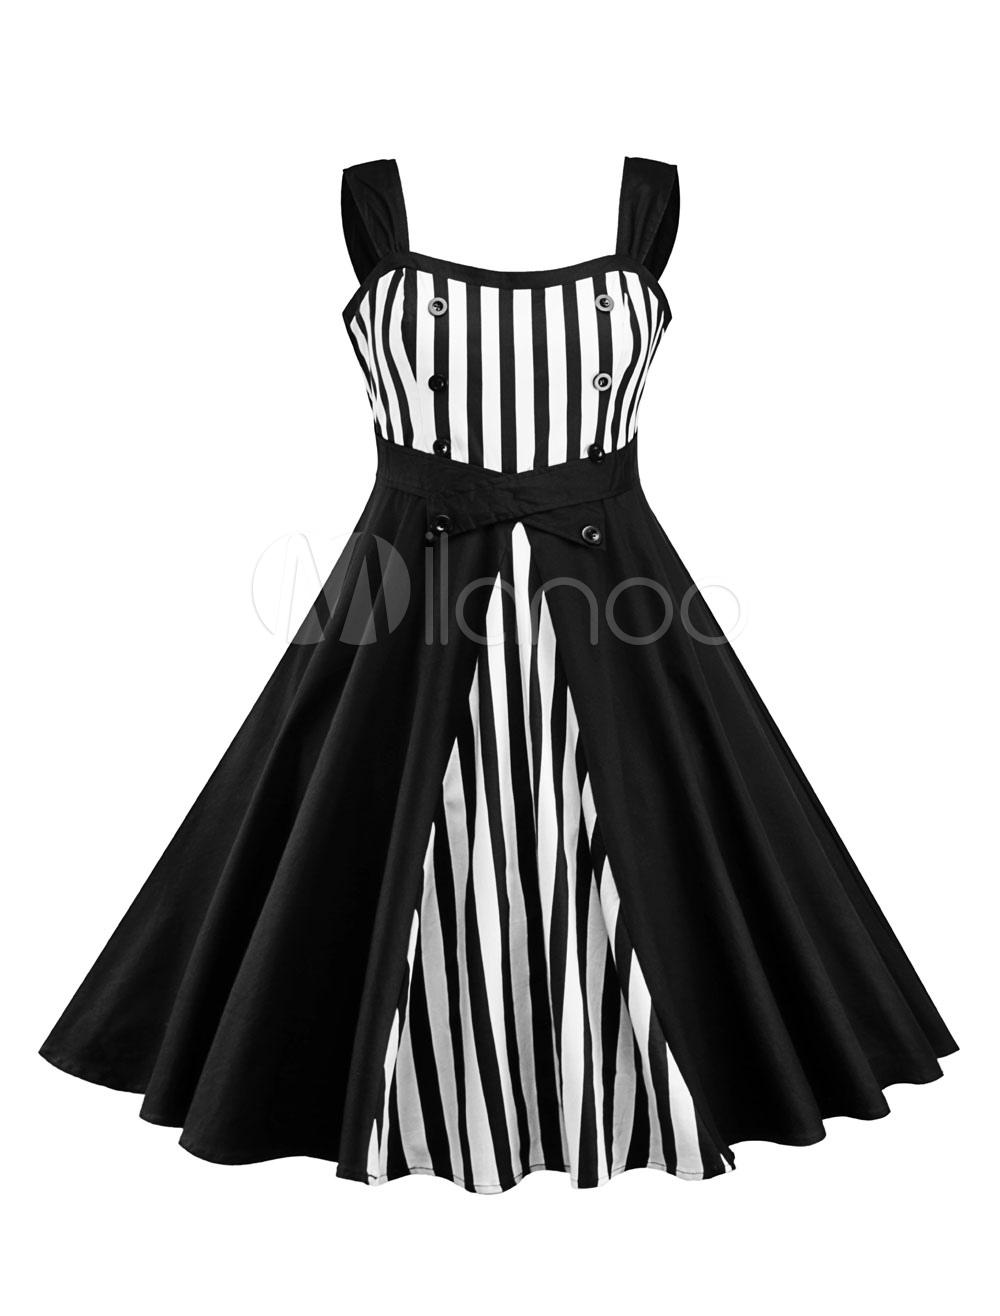 3481749bb7b7 ... Abito vintage donna anni  50 Rockabilly Stripe Two Tone Buttons Abito  Swing senza maniche-. 12. -40%. colore Nero